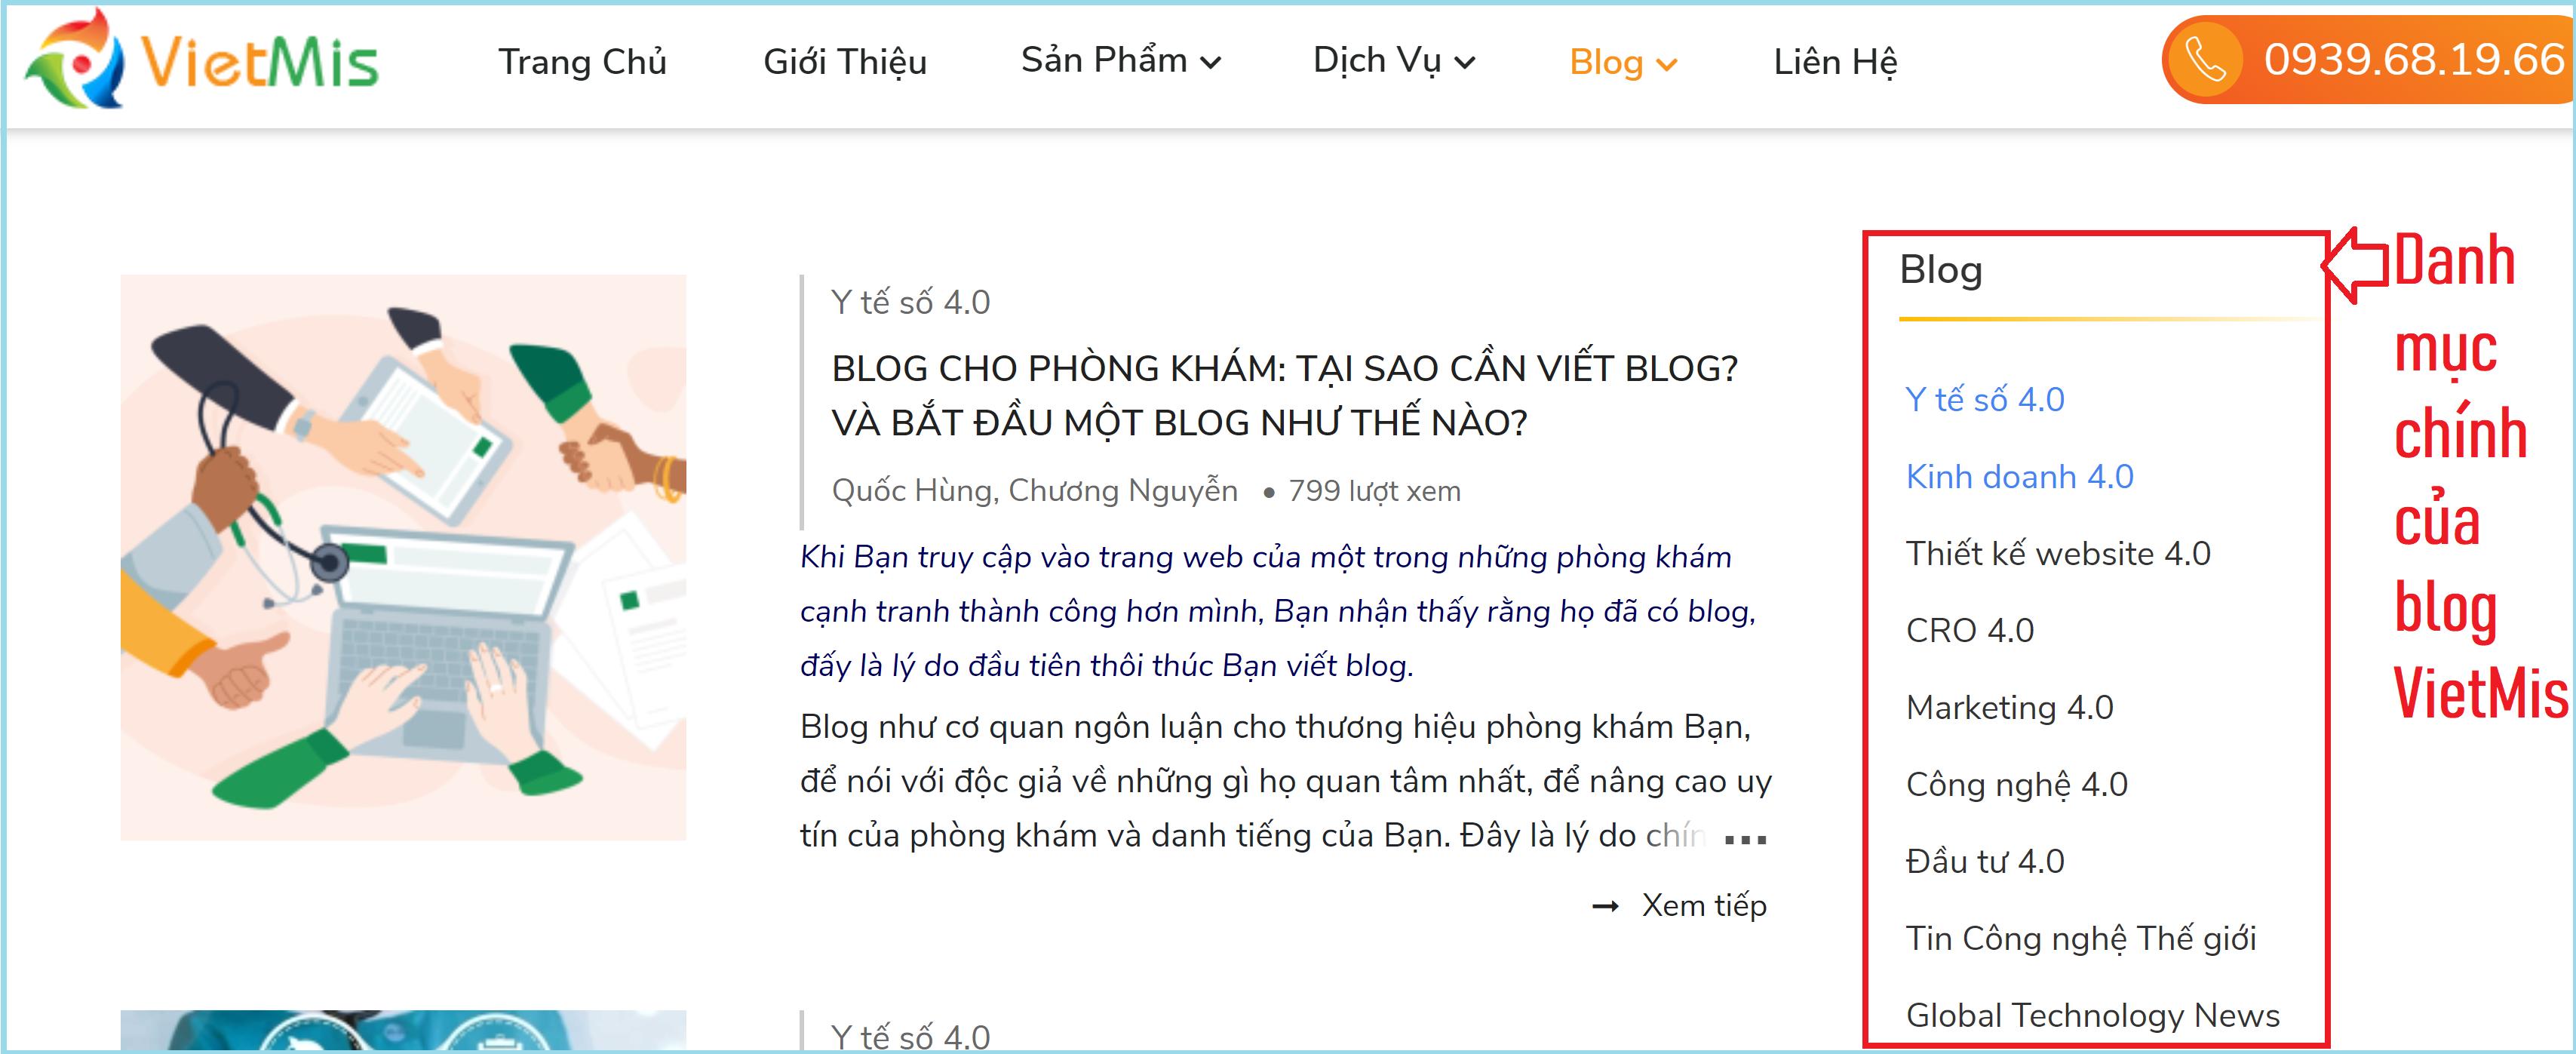 Các danh mục chính của blog VietMis